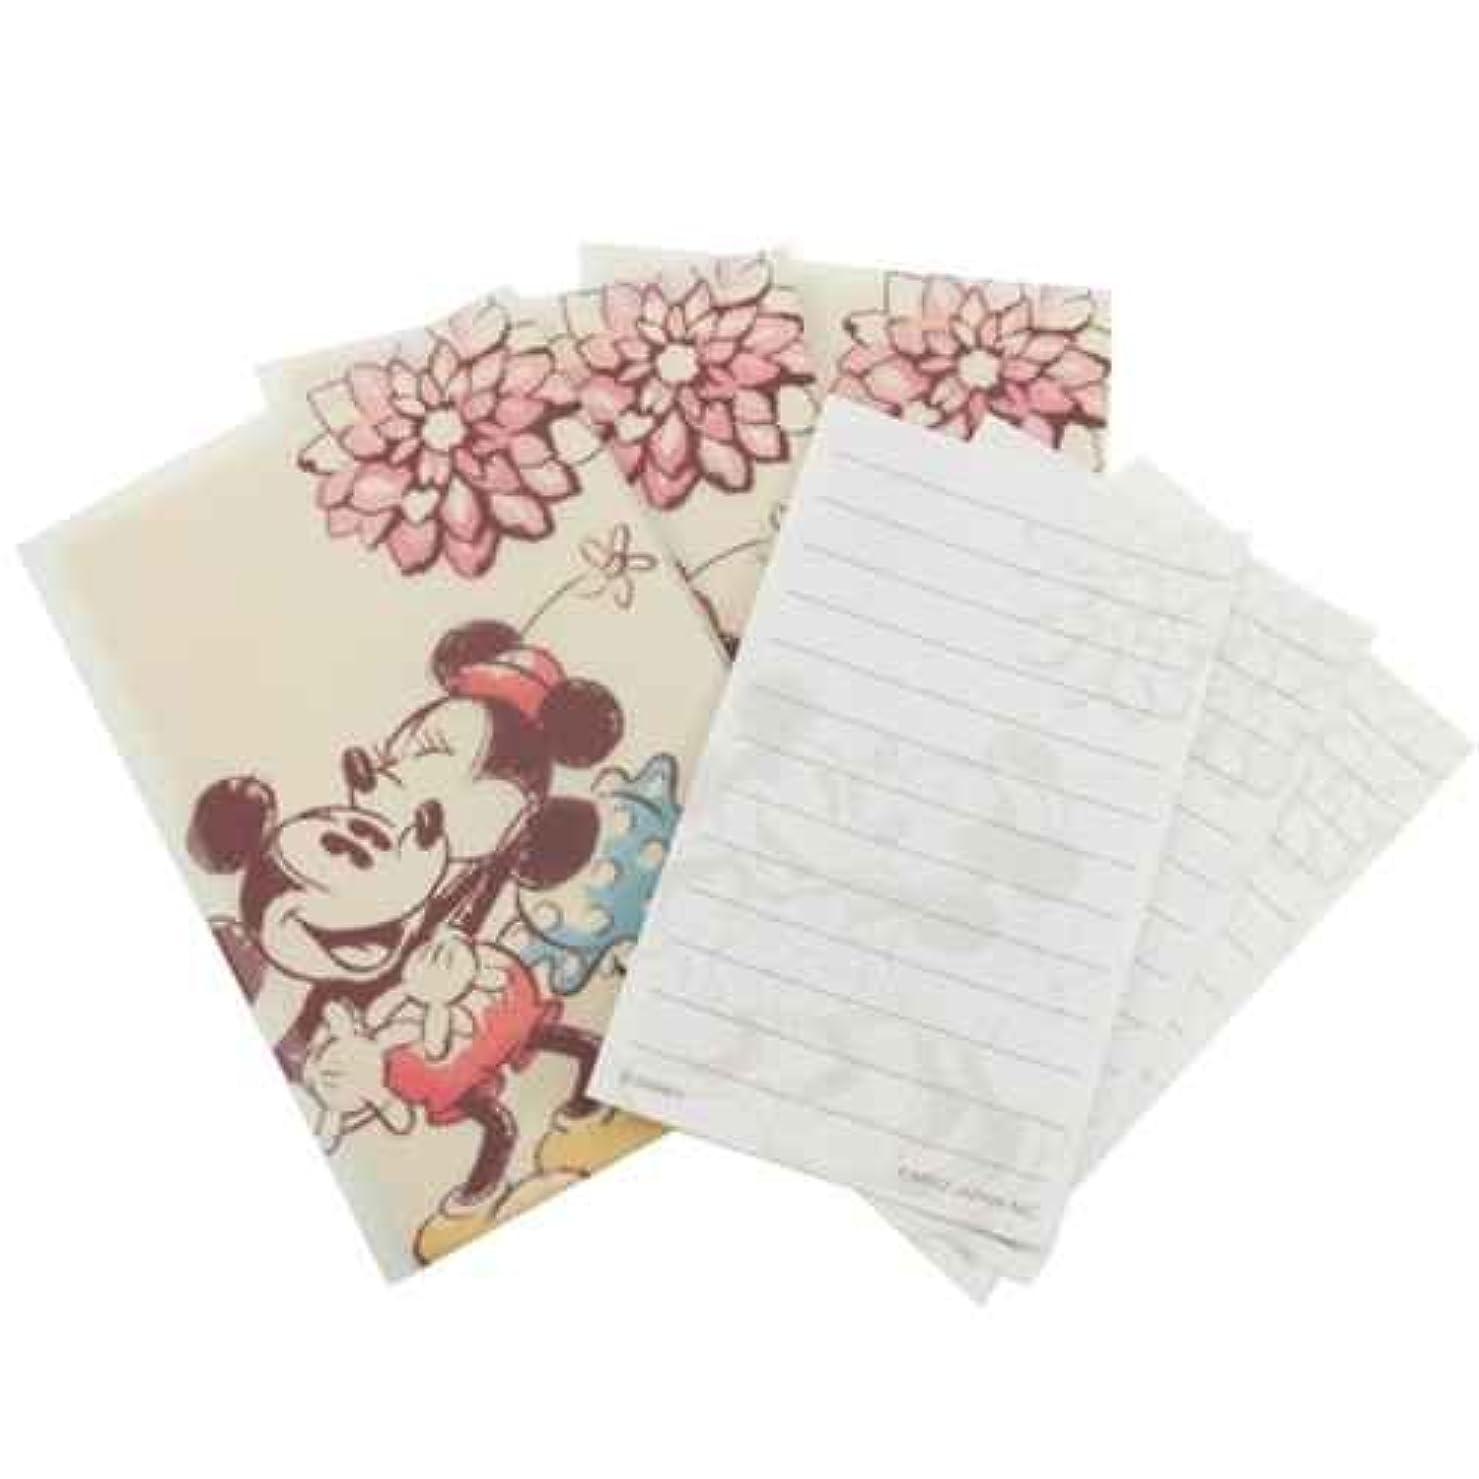 アーク例外クラシックカミオジャパン プチレターセット(ミニ封筒&ミニ便箋) 15779 ミッキー&ミニー